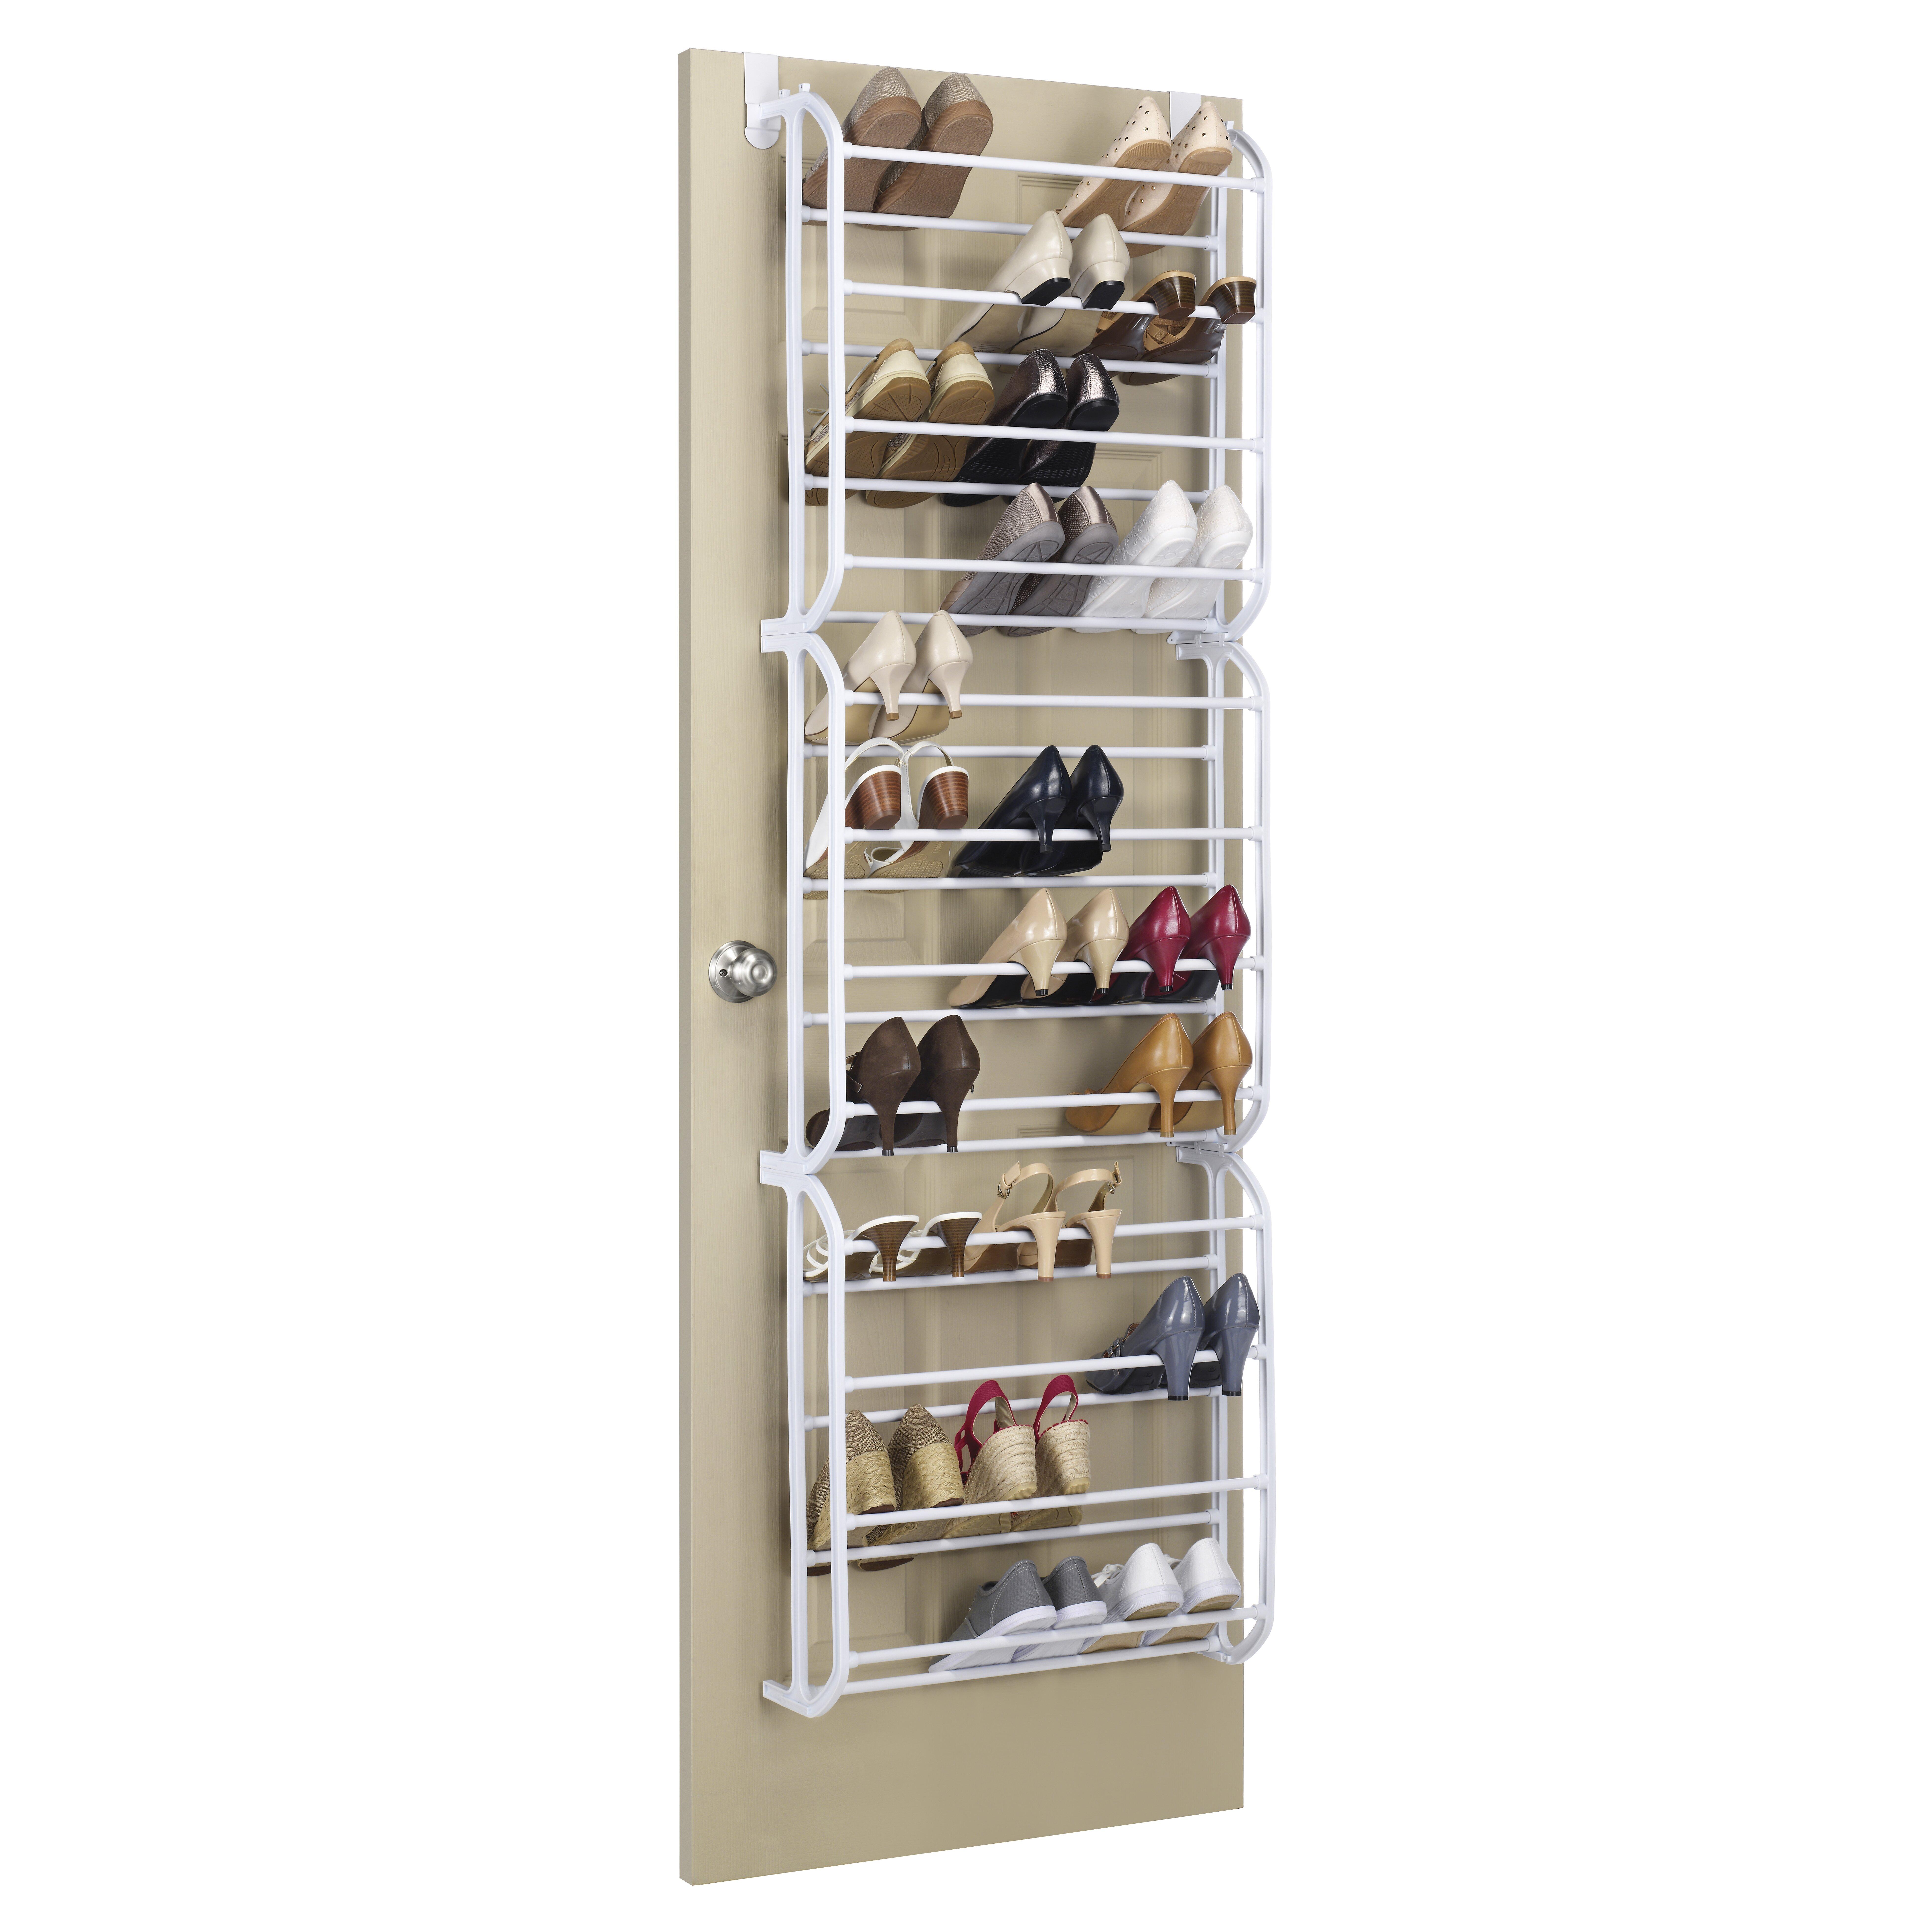 Over the door boot rack - Quick View 12 Tier Overdoor Shoe Organizer